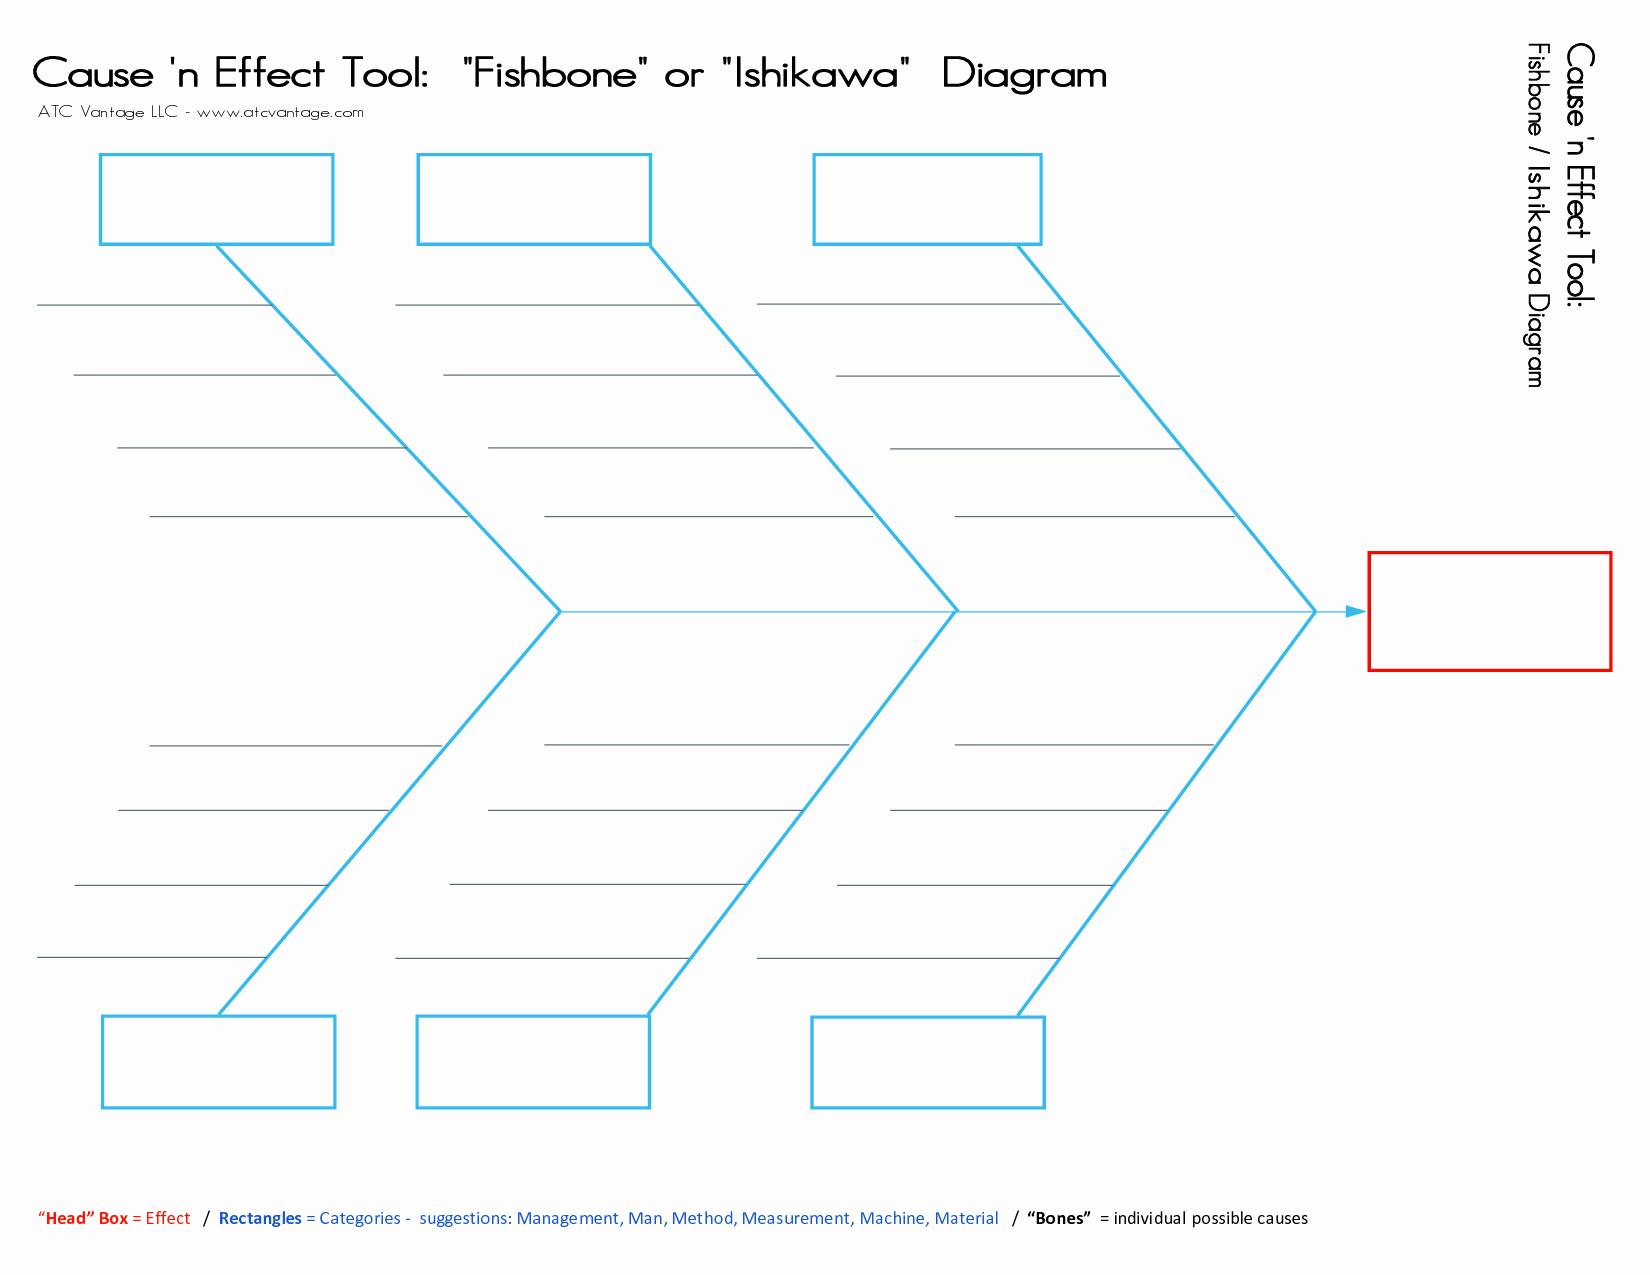 Free Fishbone Diagram Template Word Inspirational Fishbone Diagram Template